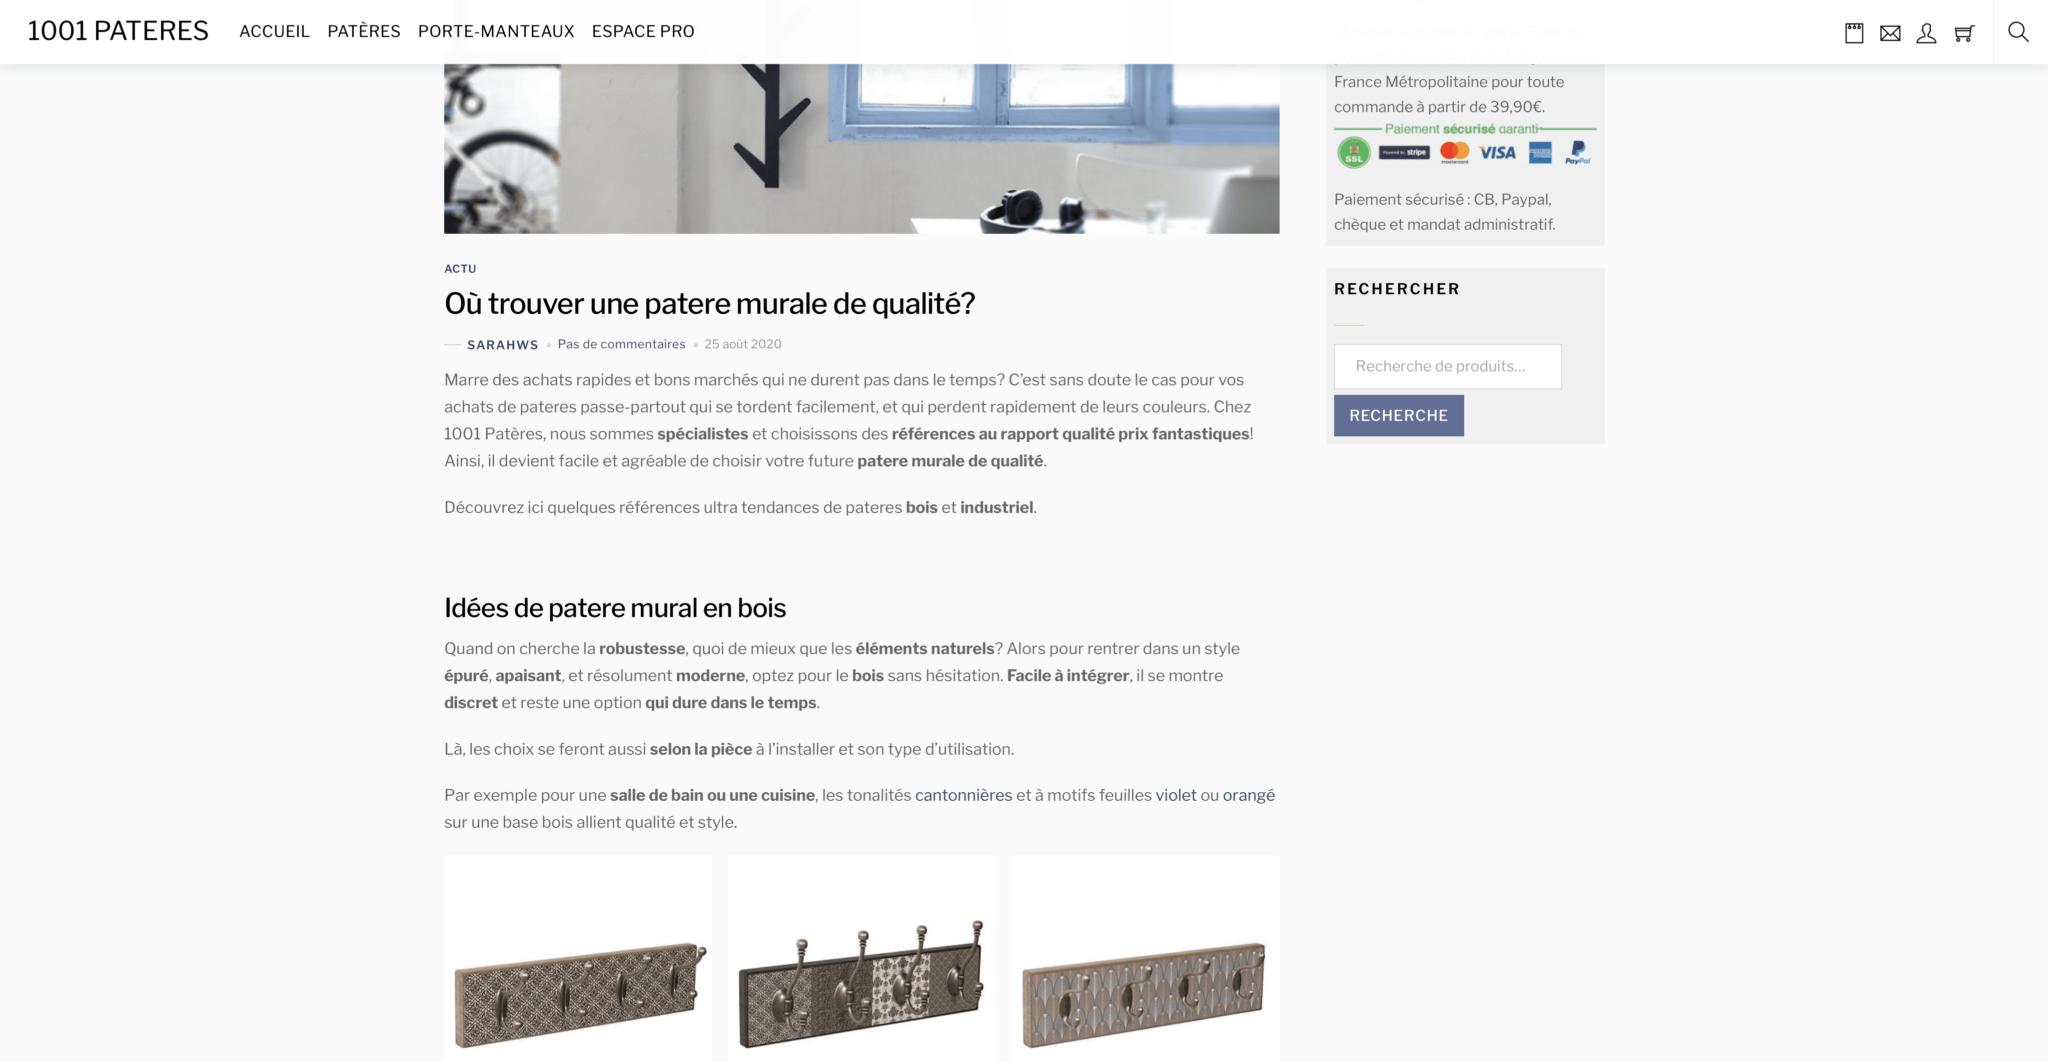 web-content-webshop-e-commerce-blog-page-1001-pateres